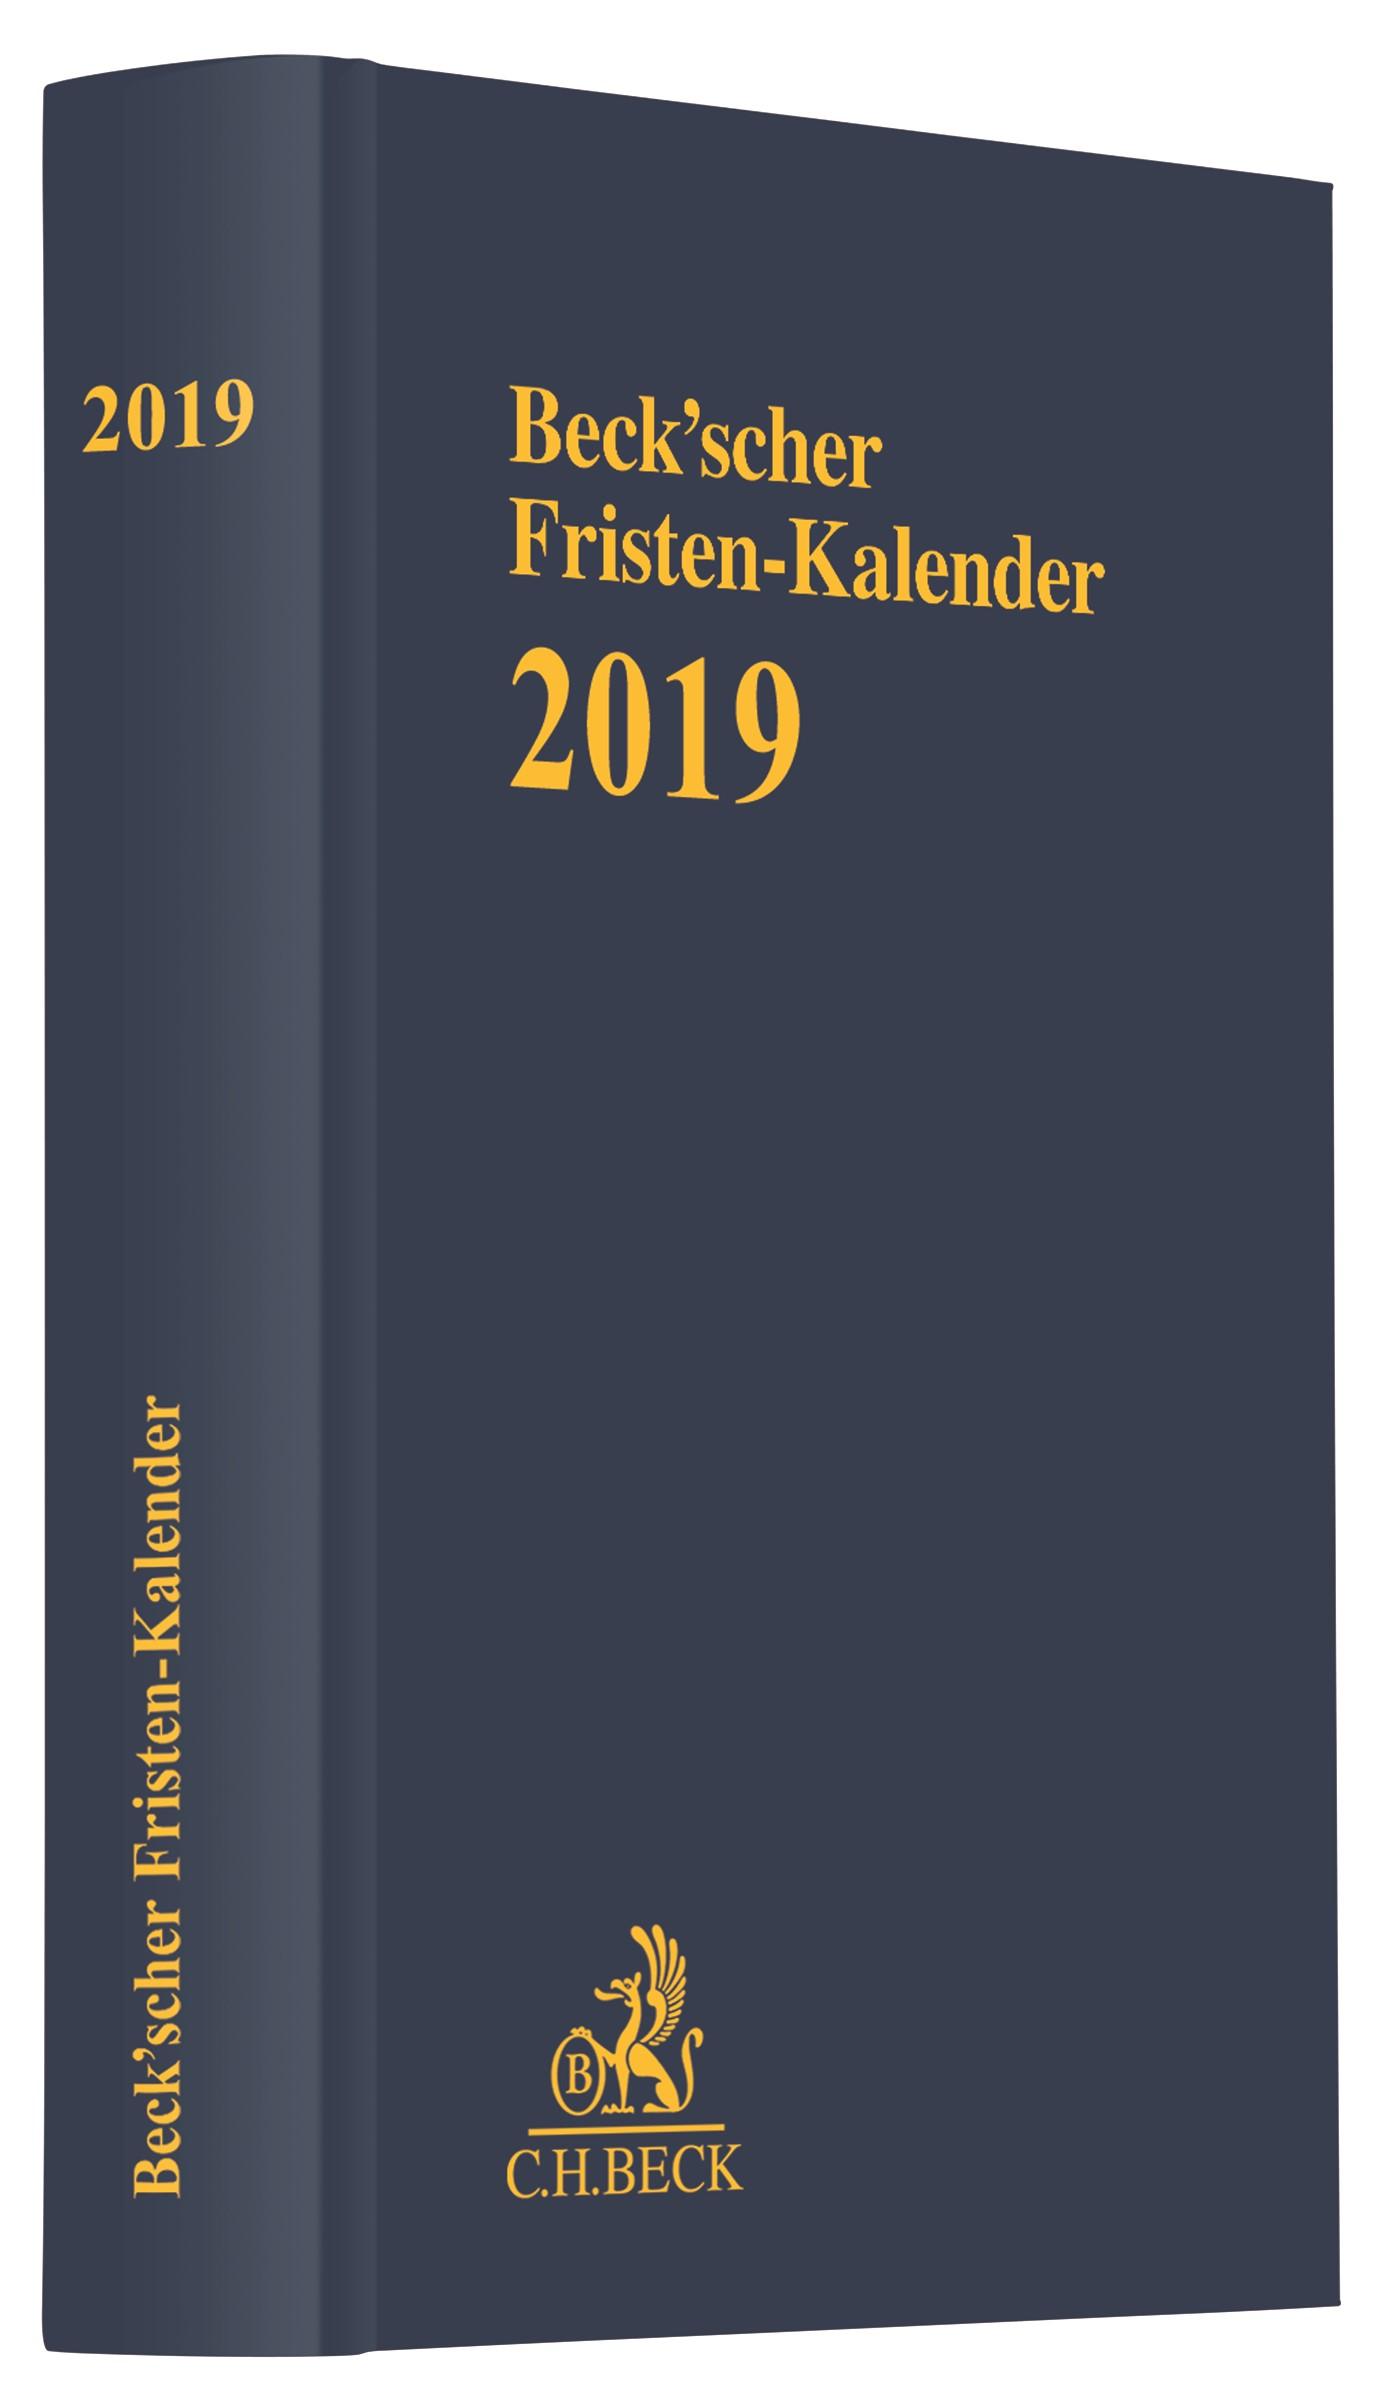 Beck'scher Fristen-Kalender 2019, 2018 | Buch (Cover)